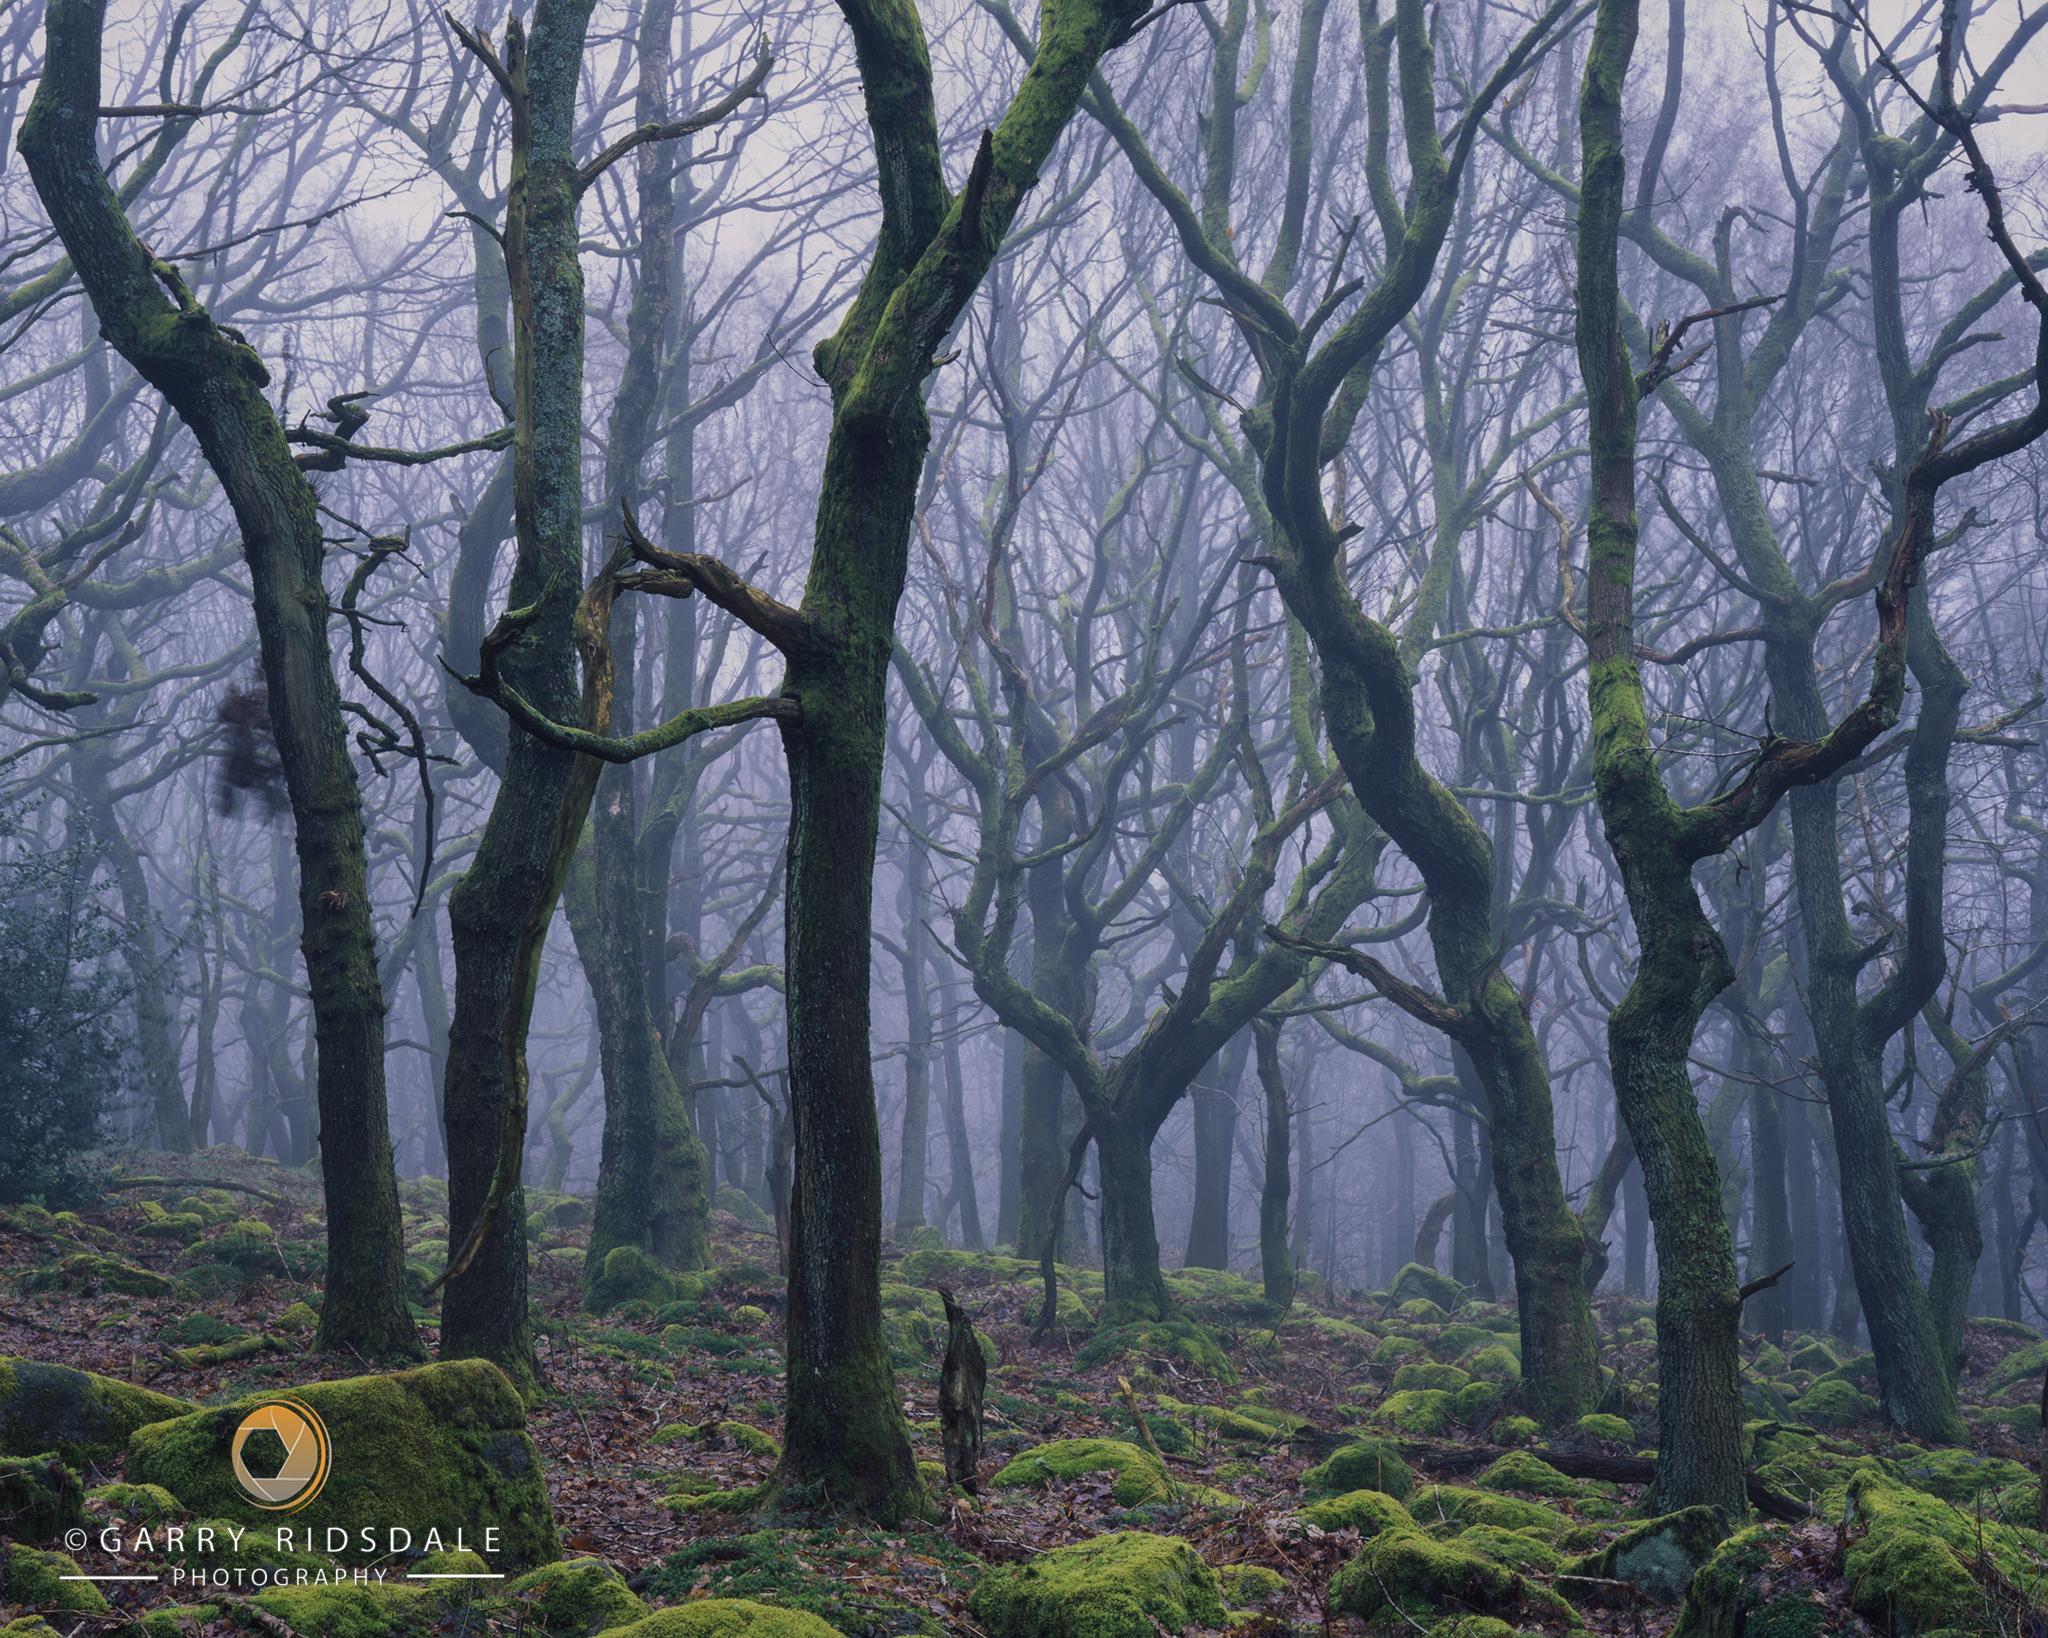 web_the_spiral_forest©garryridsdale.jpg